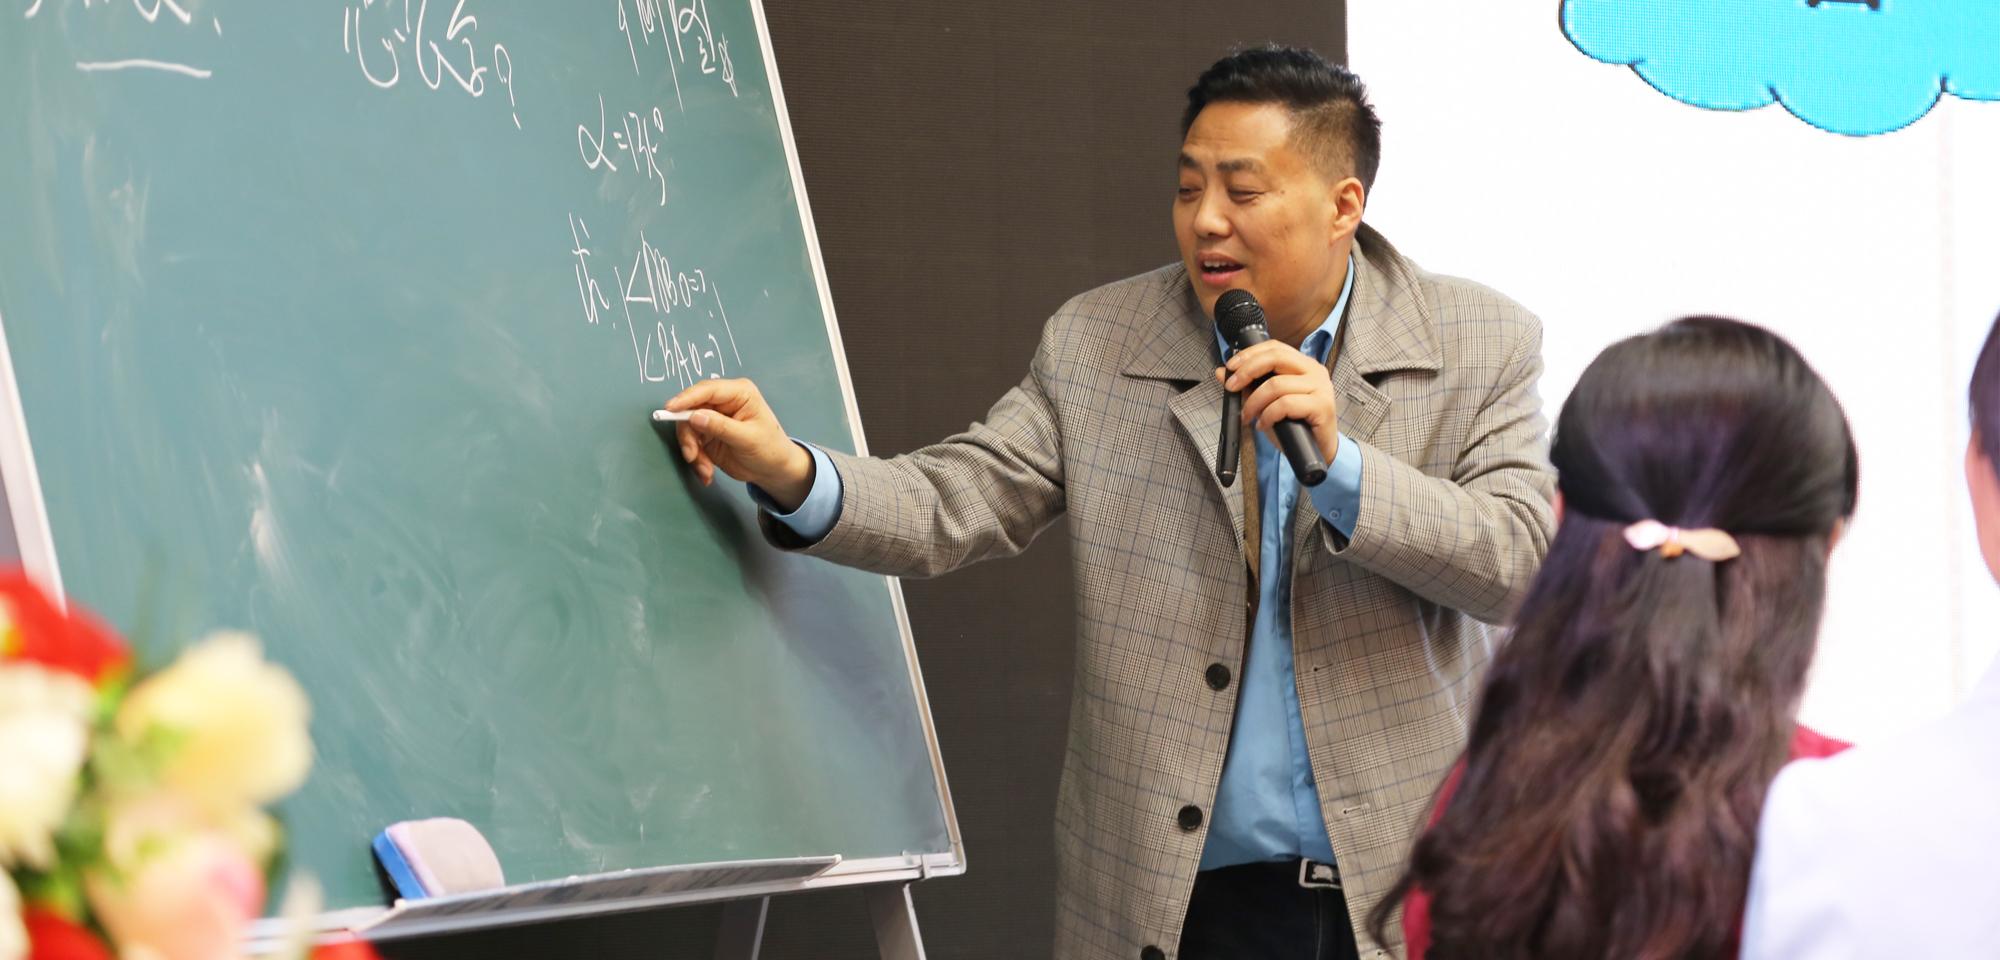 """此外,他以他工作室的成员刘东生成长的经历作为实例,提出名师工作室主持人应该如何担起引领的责任,而工作室的学员又应该如何进行""""教改""""才能从普通老师中脱颖而出成长为名师。"""